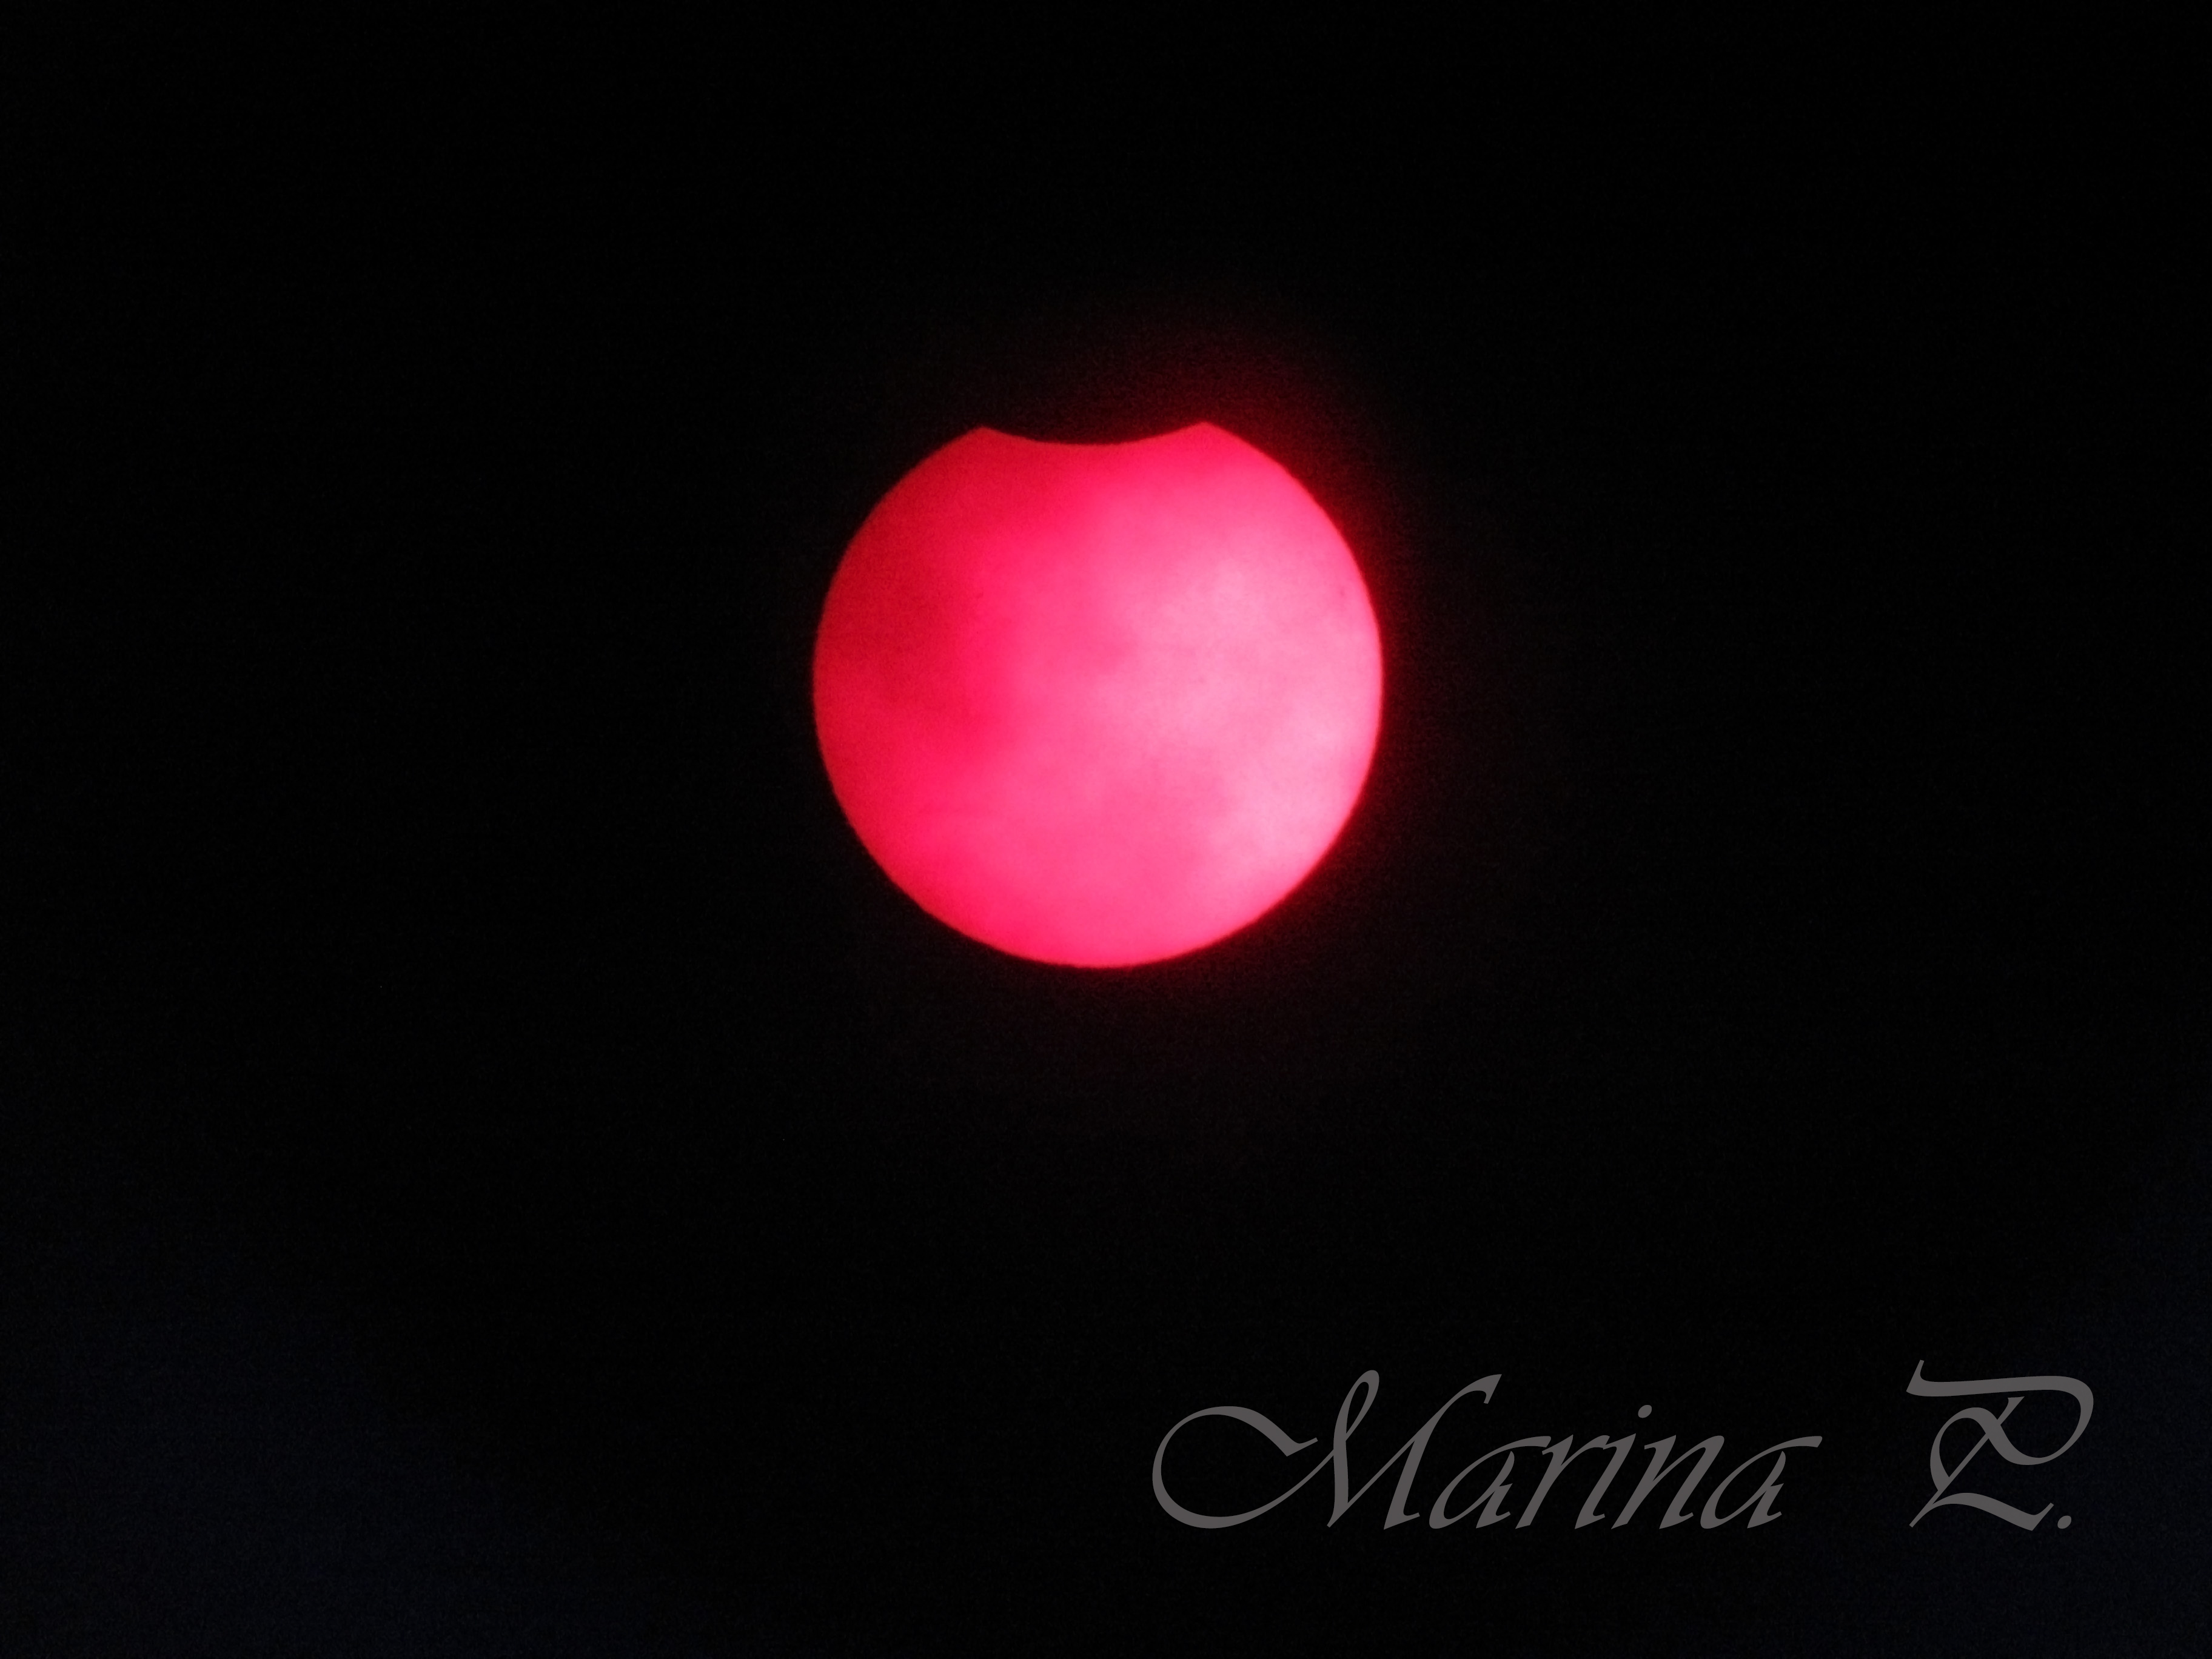 Eclipse parcial (Noviembre 2013)